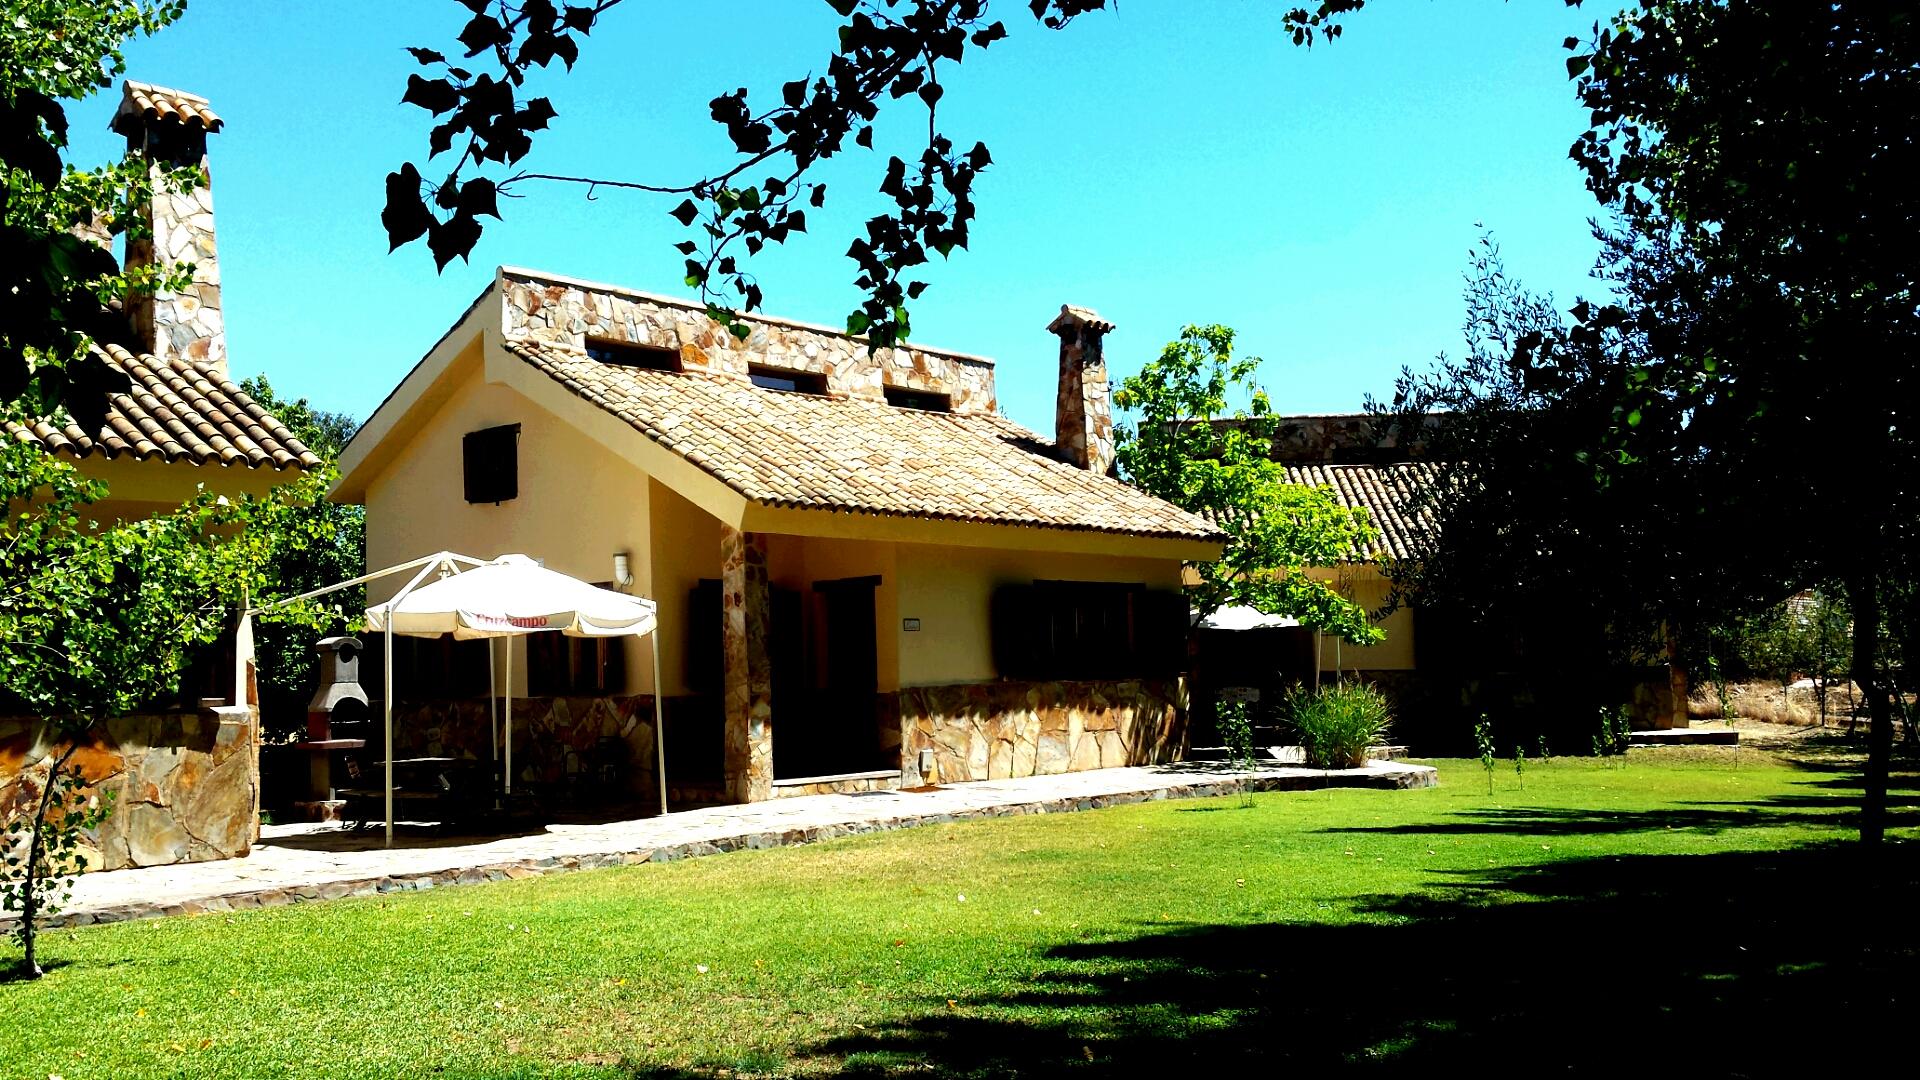 La villa rural las mejores casas rurales de espa a p gina web oficial - Casas rurales en el norte de espana ...